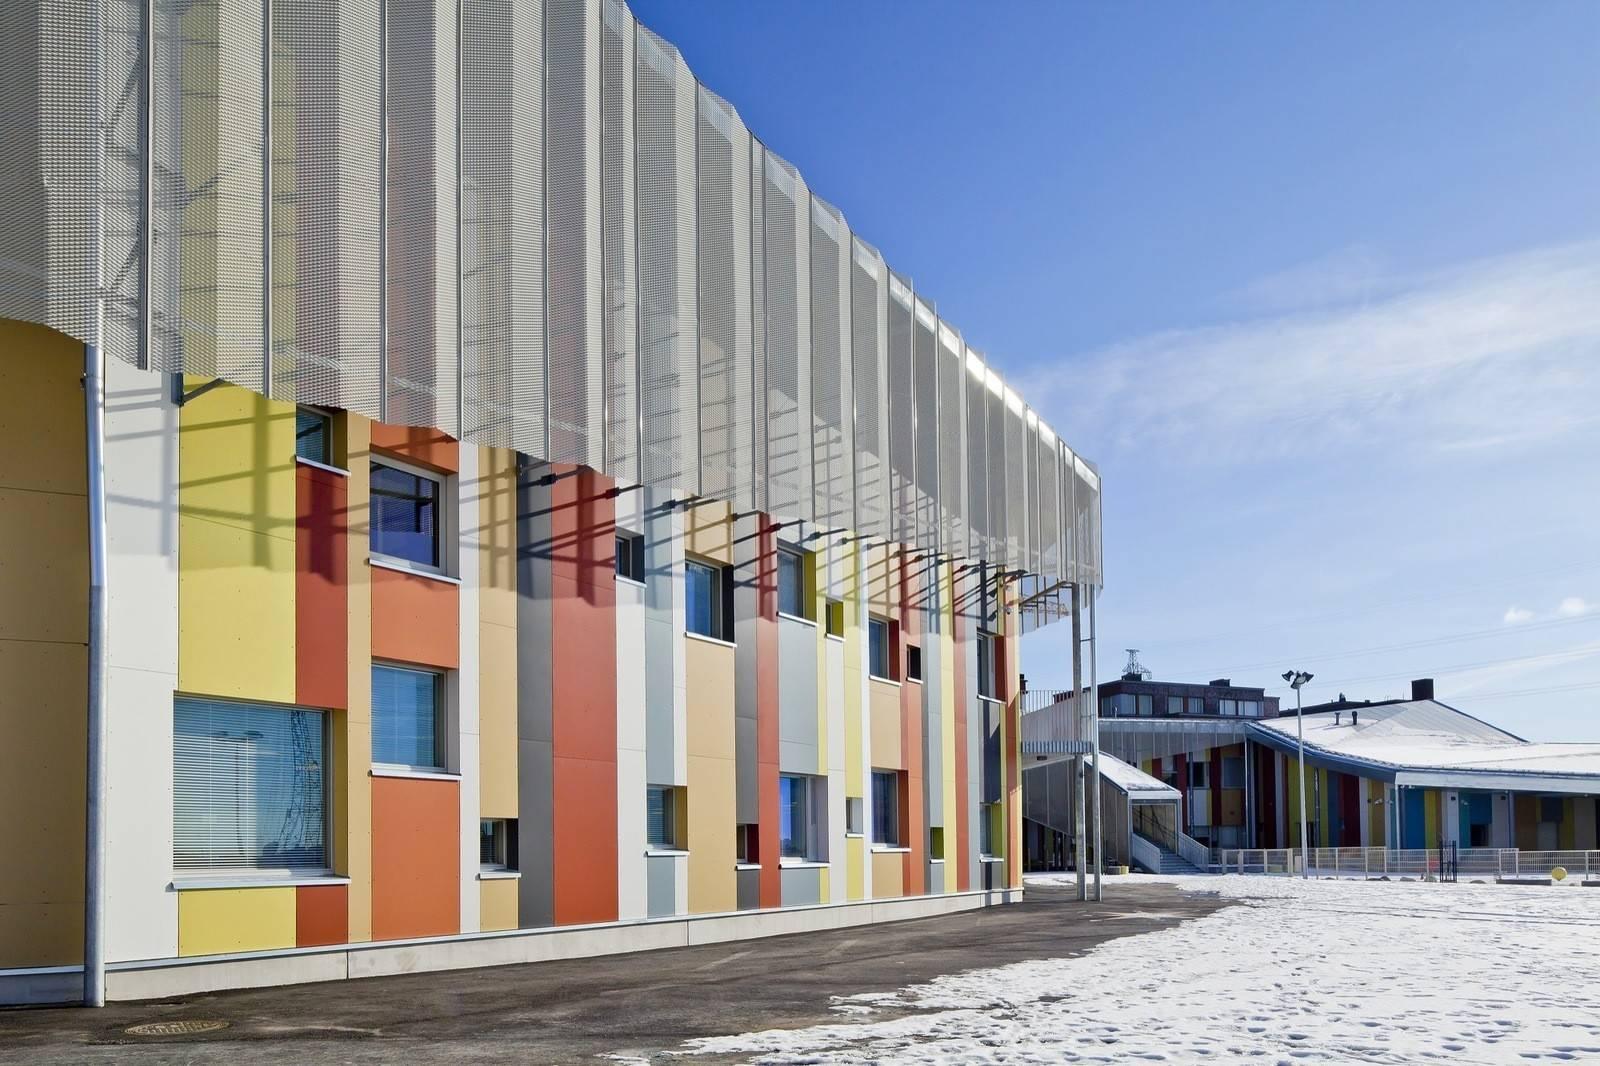 Образование в финляндии. как устроен и сколько стоит финский детский сад